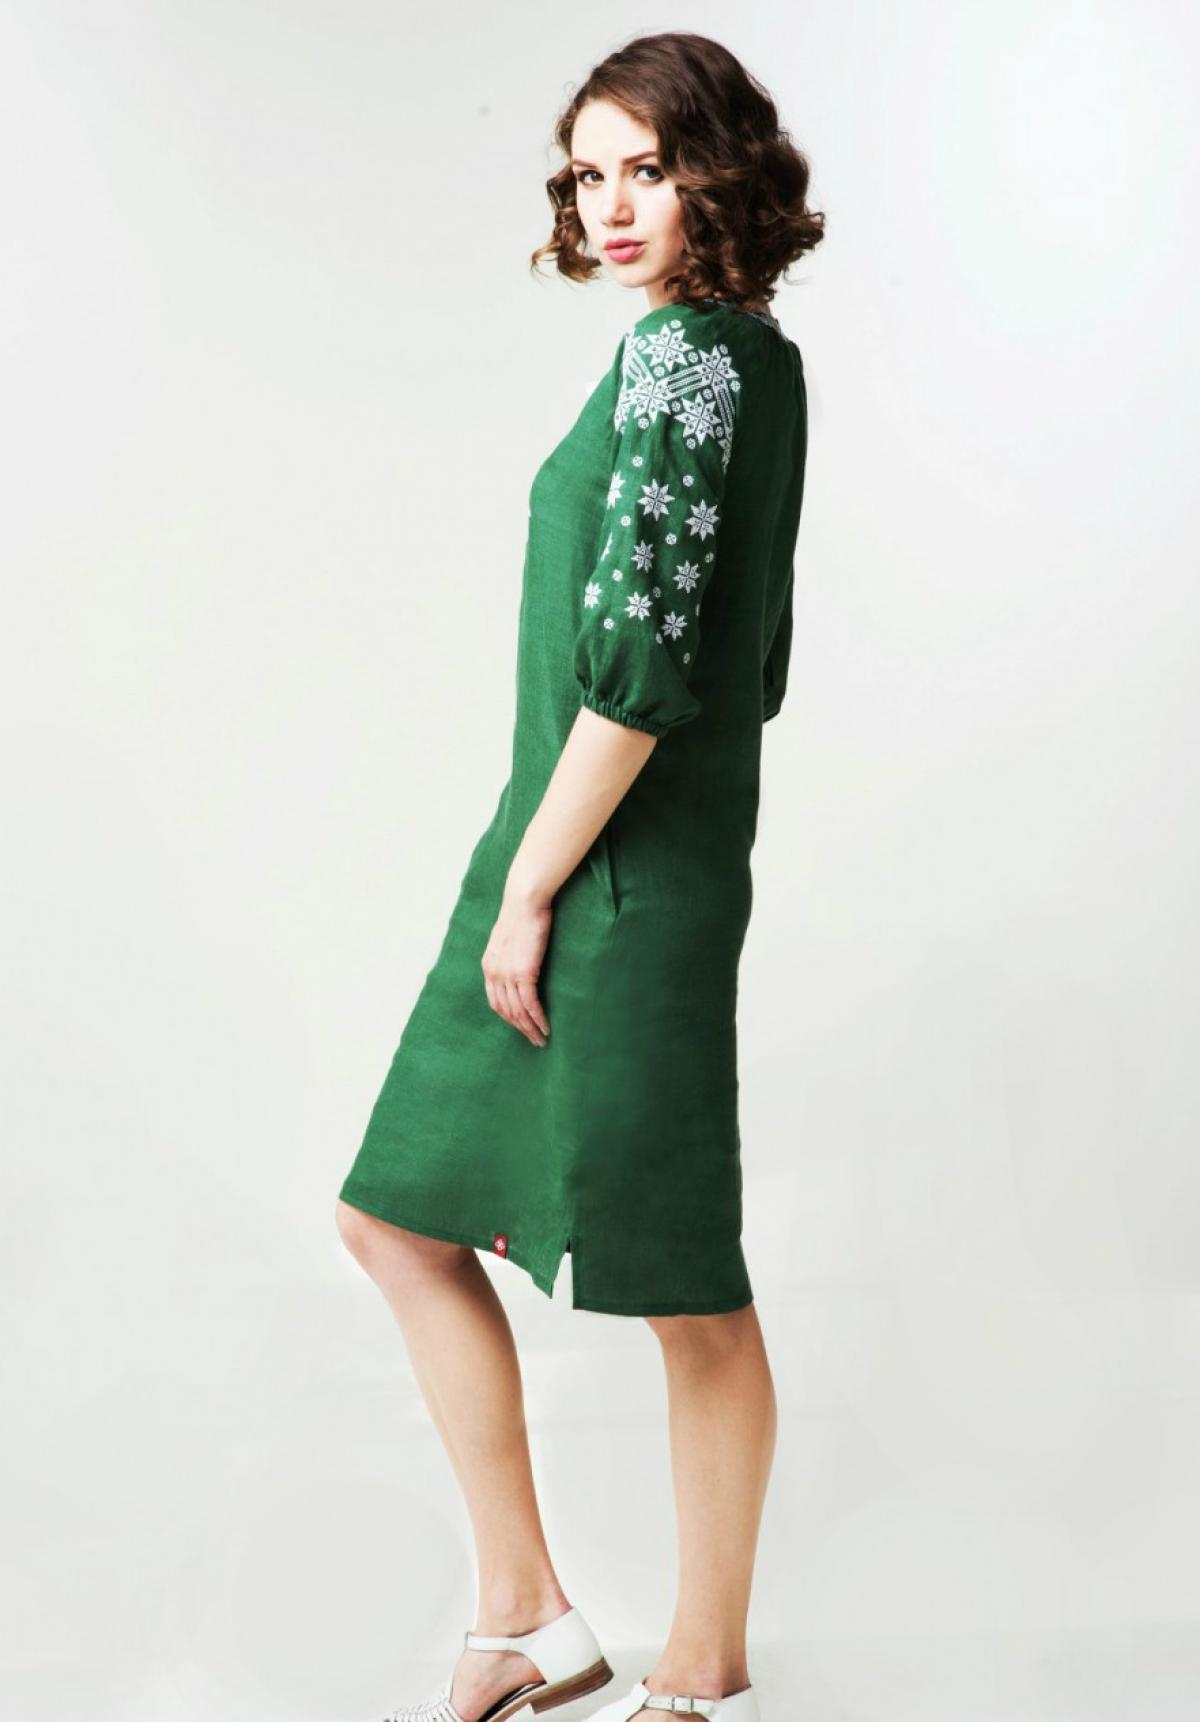 Зелена лляна вишита жіноча сукня. Фото №3. | Народний дім Україна